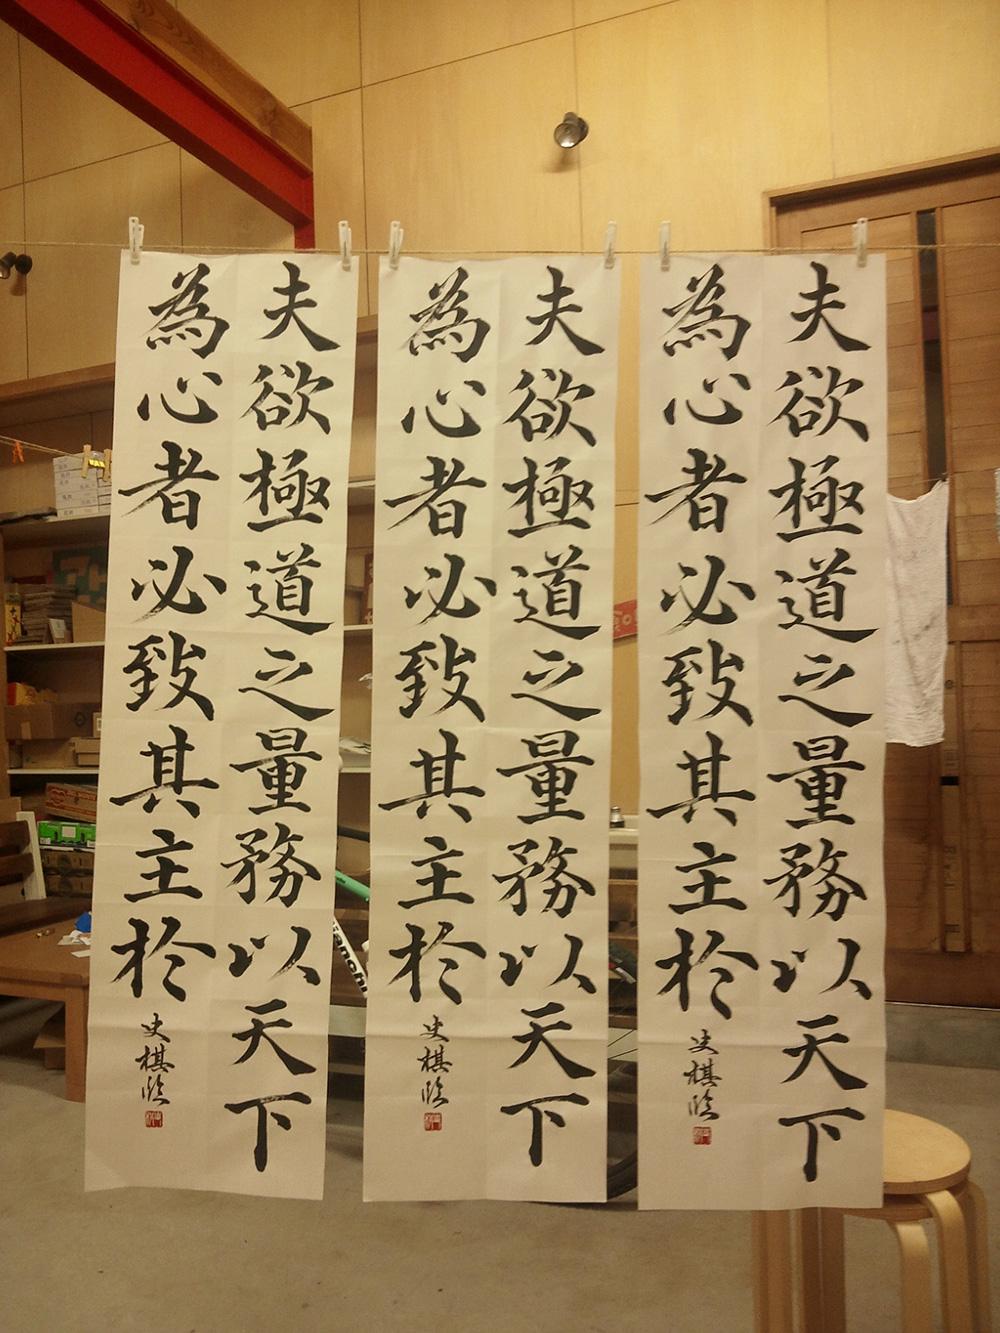 20130520_rin_gakkiron_1.jpg